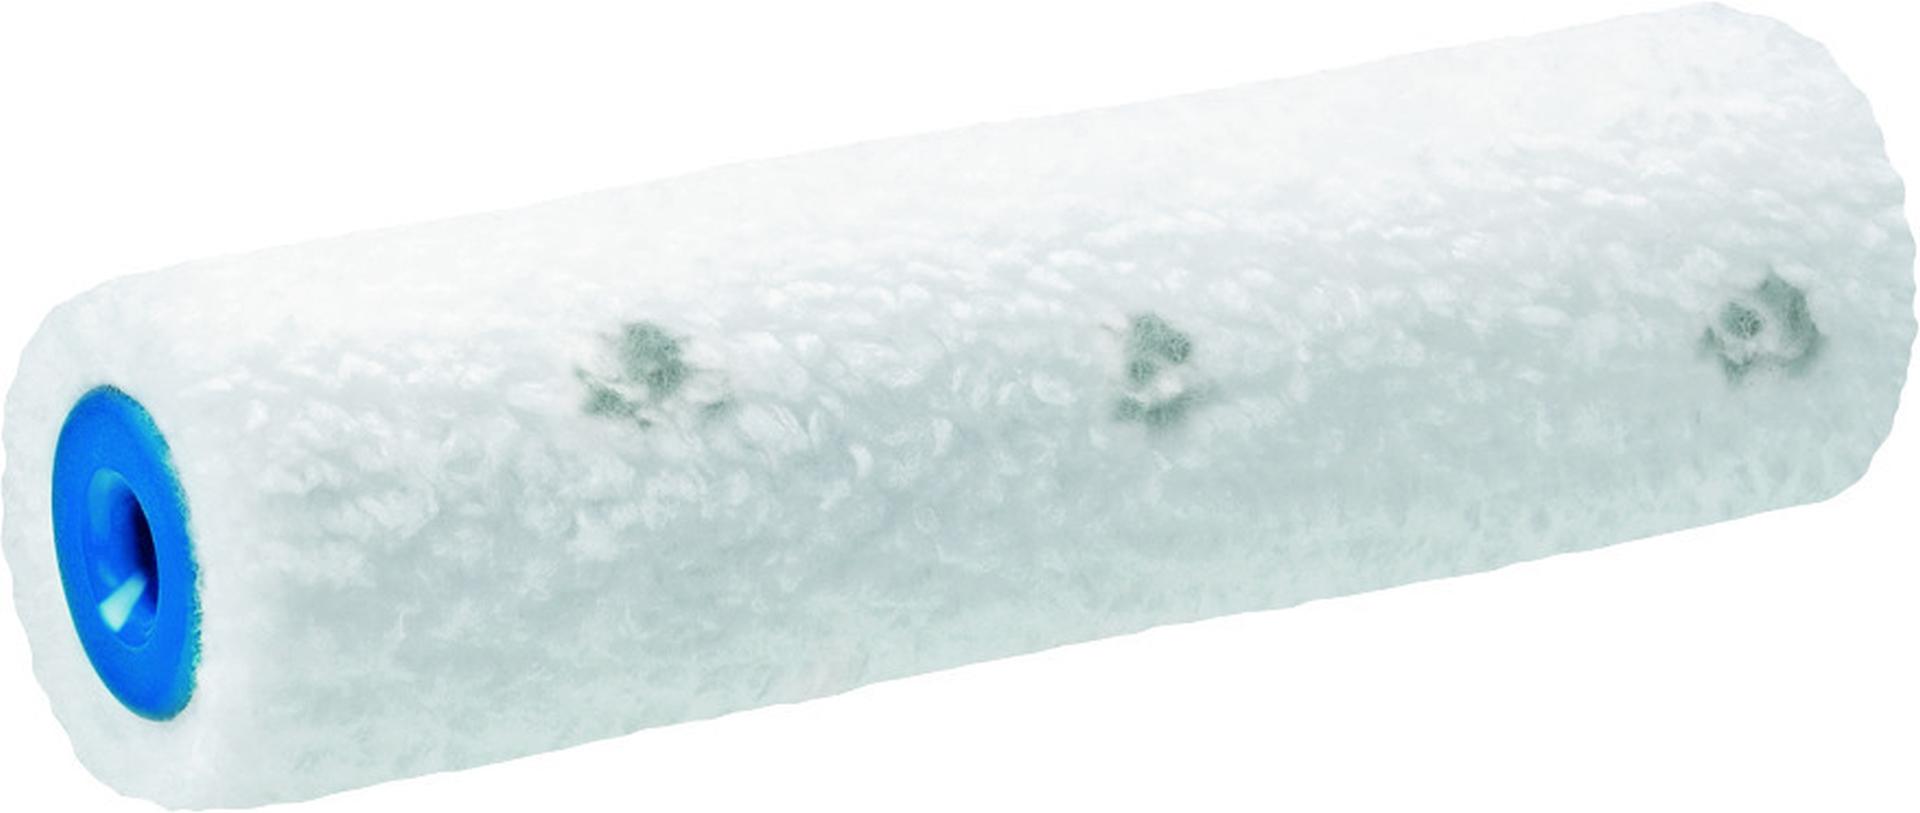 STORCH PREMIUM*** Kleinflächenwalze Aqua STAR micro, Microfaser, Polhöhe 5 mm, Breite 10 cm, Kern-Ø 16 mm, 10-er Pack